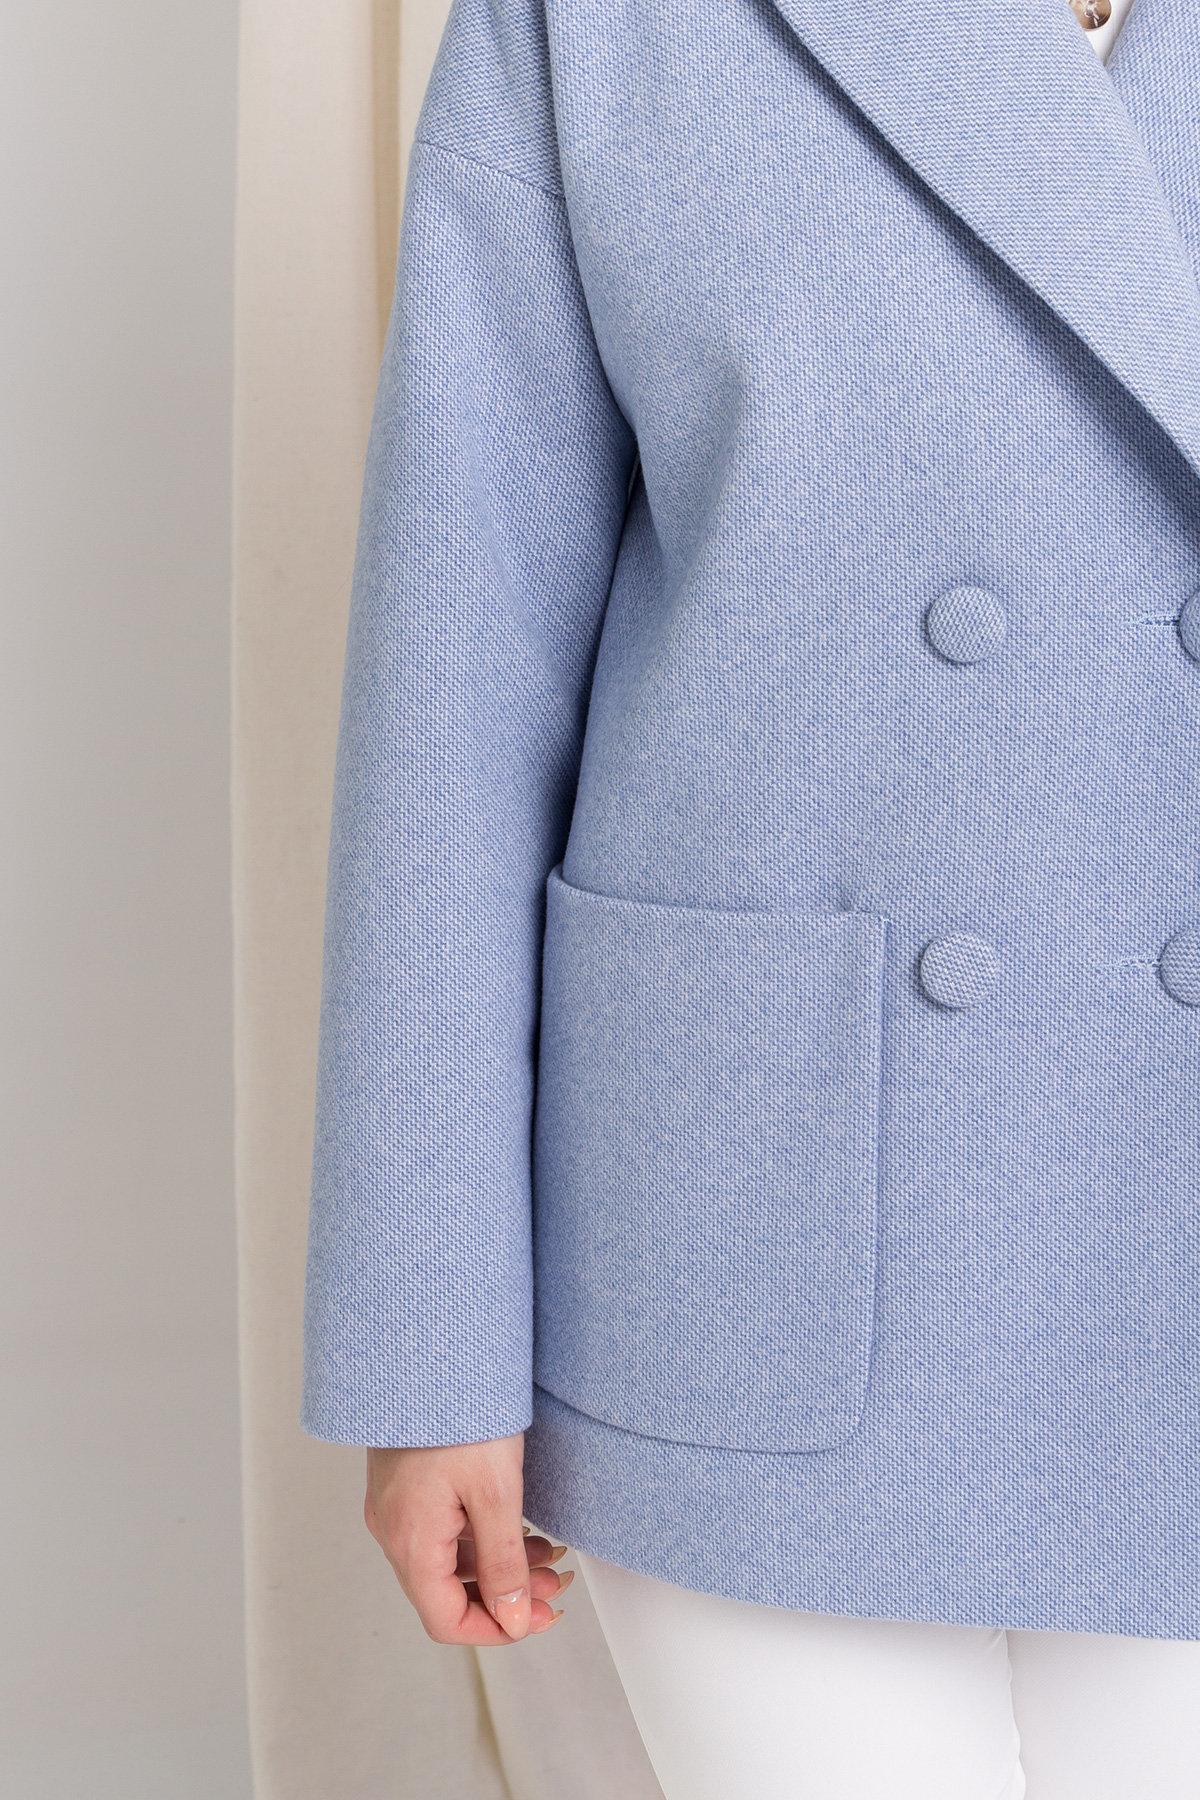 Пальто Мансера 8987 АРТ. 45304 Цвет: Голубой - фото 5, интернет магазин tm-modus.ru